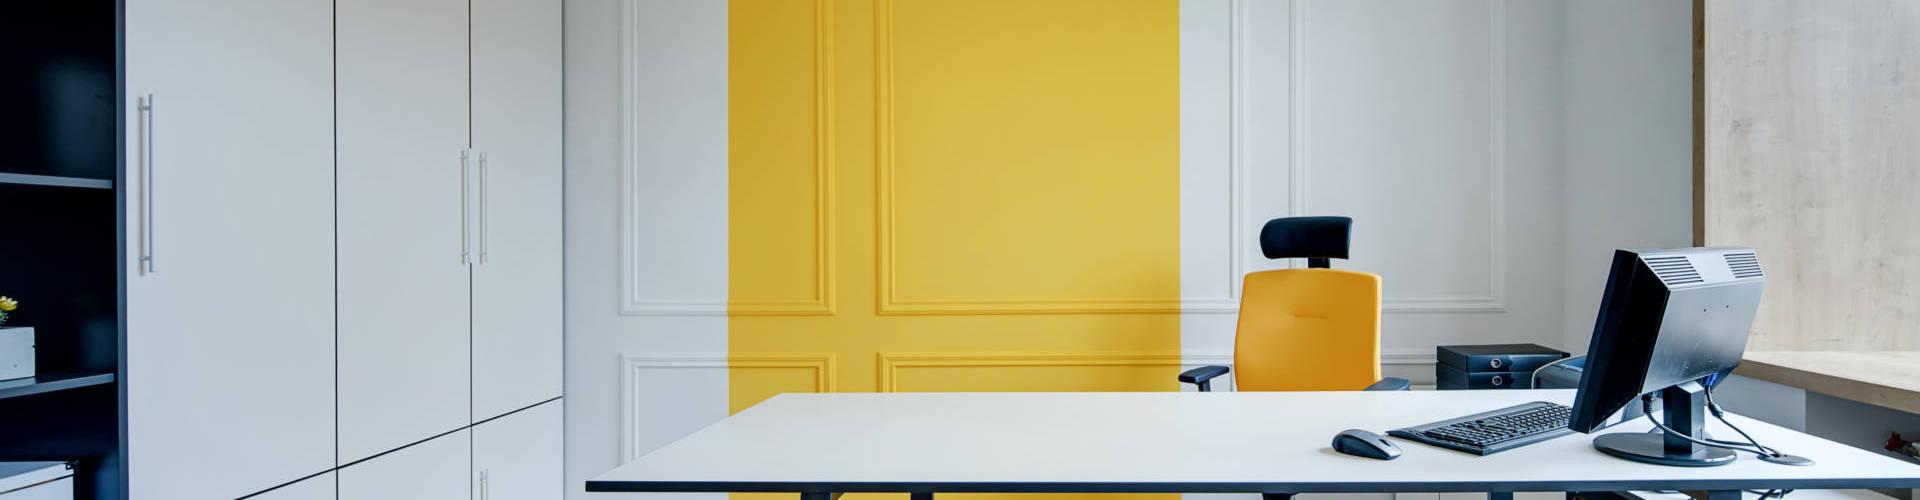 Décoration bureau office notarial par Anne Solenn Chérat, Décoratrice UFDI sur Lorient, Vannes, Pontivy